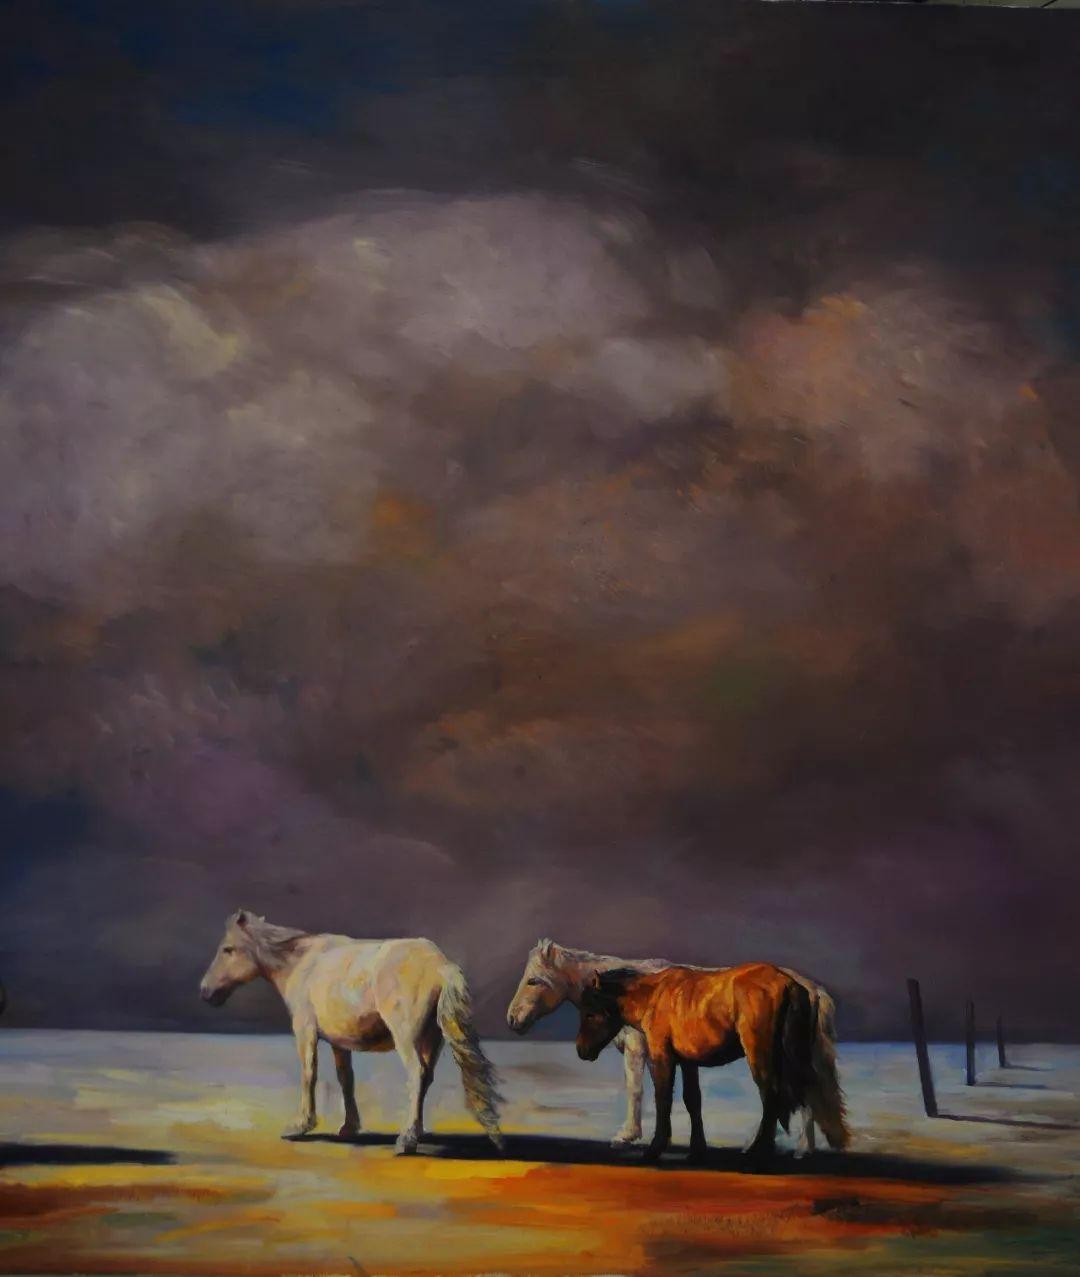 蒙古马 内蒙古当代美术作品微展(二) 第12张 蒙古马 内蒙古当代美术作品微展(二) 蒙古画廊